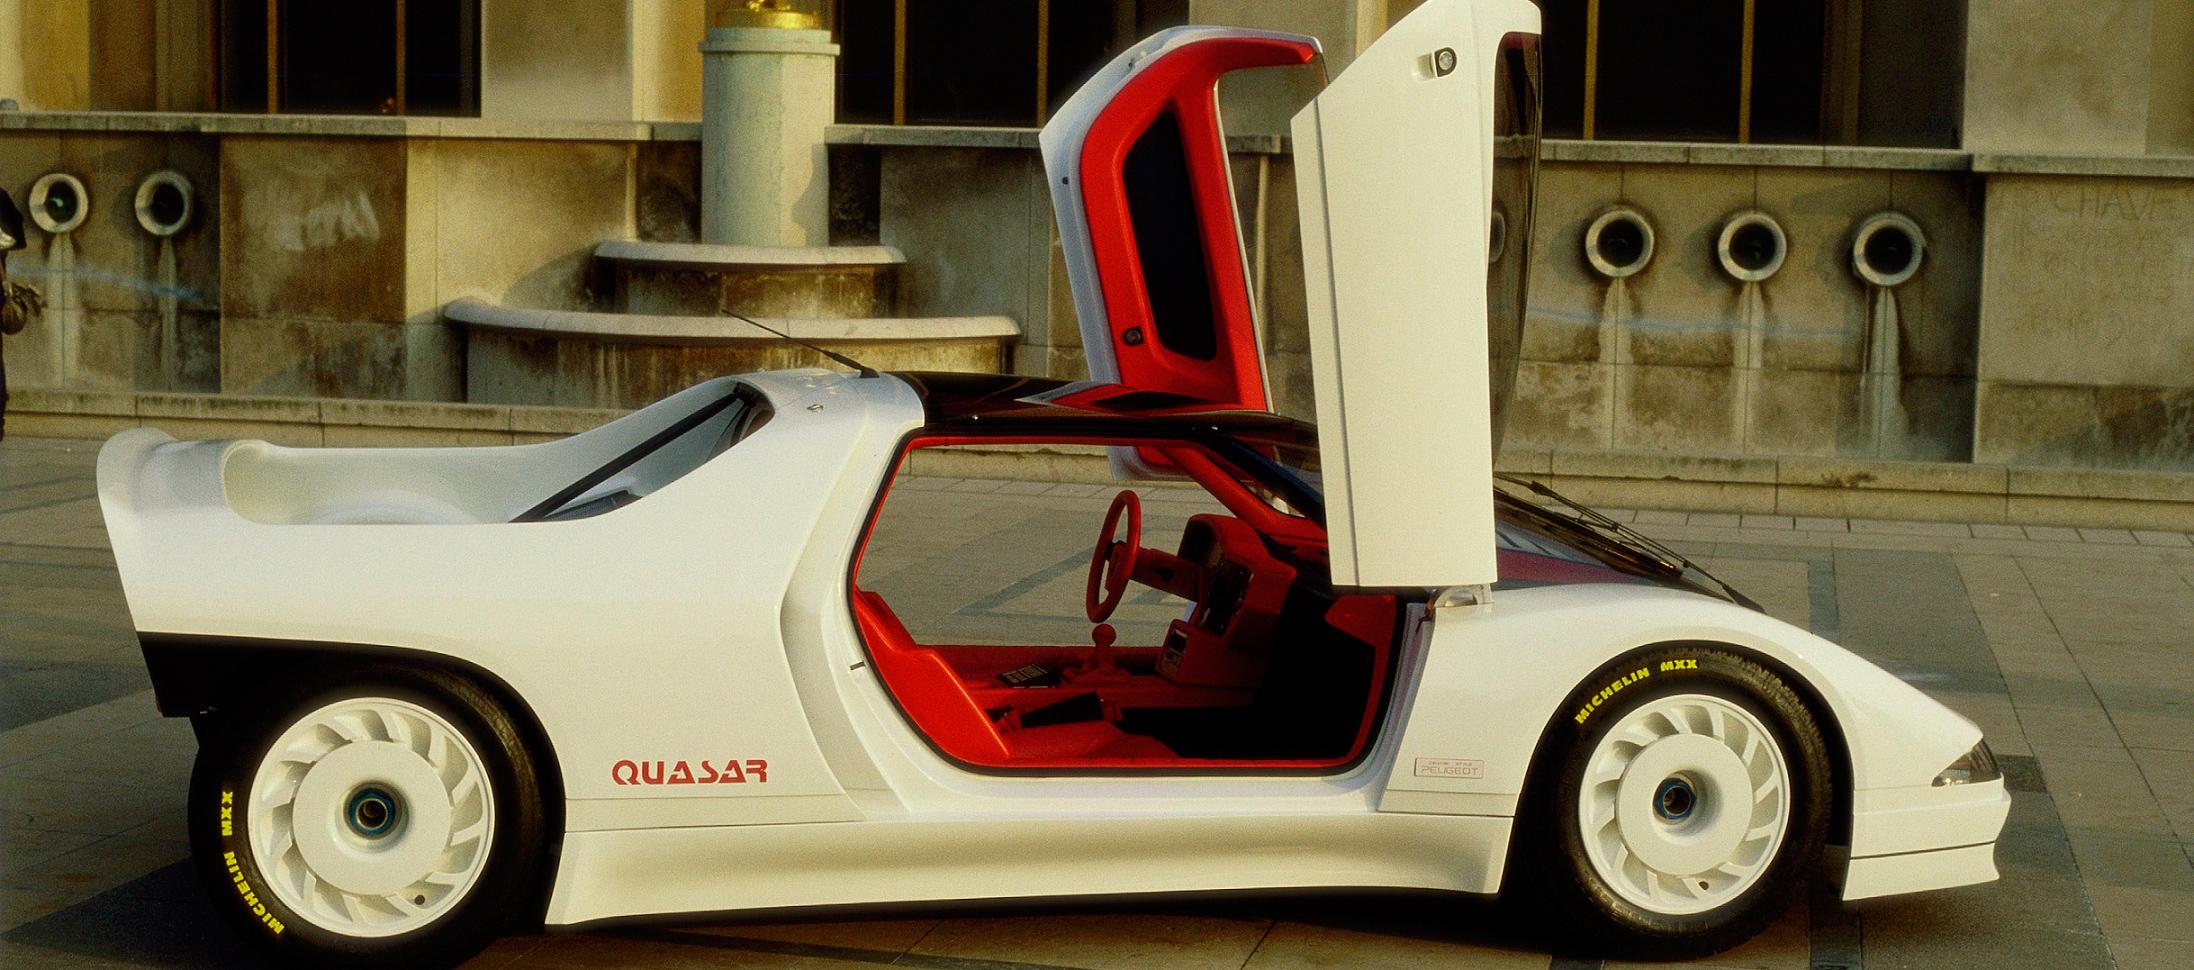 Peugeot presenta su nuevo Concept, el Peugeot Quasar